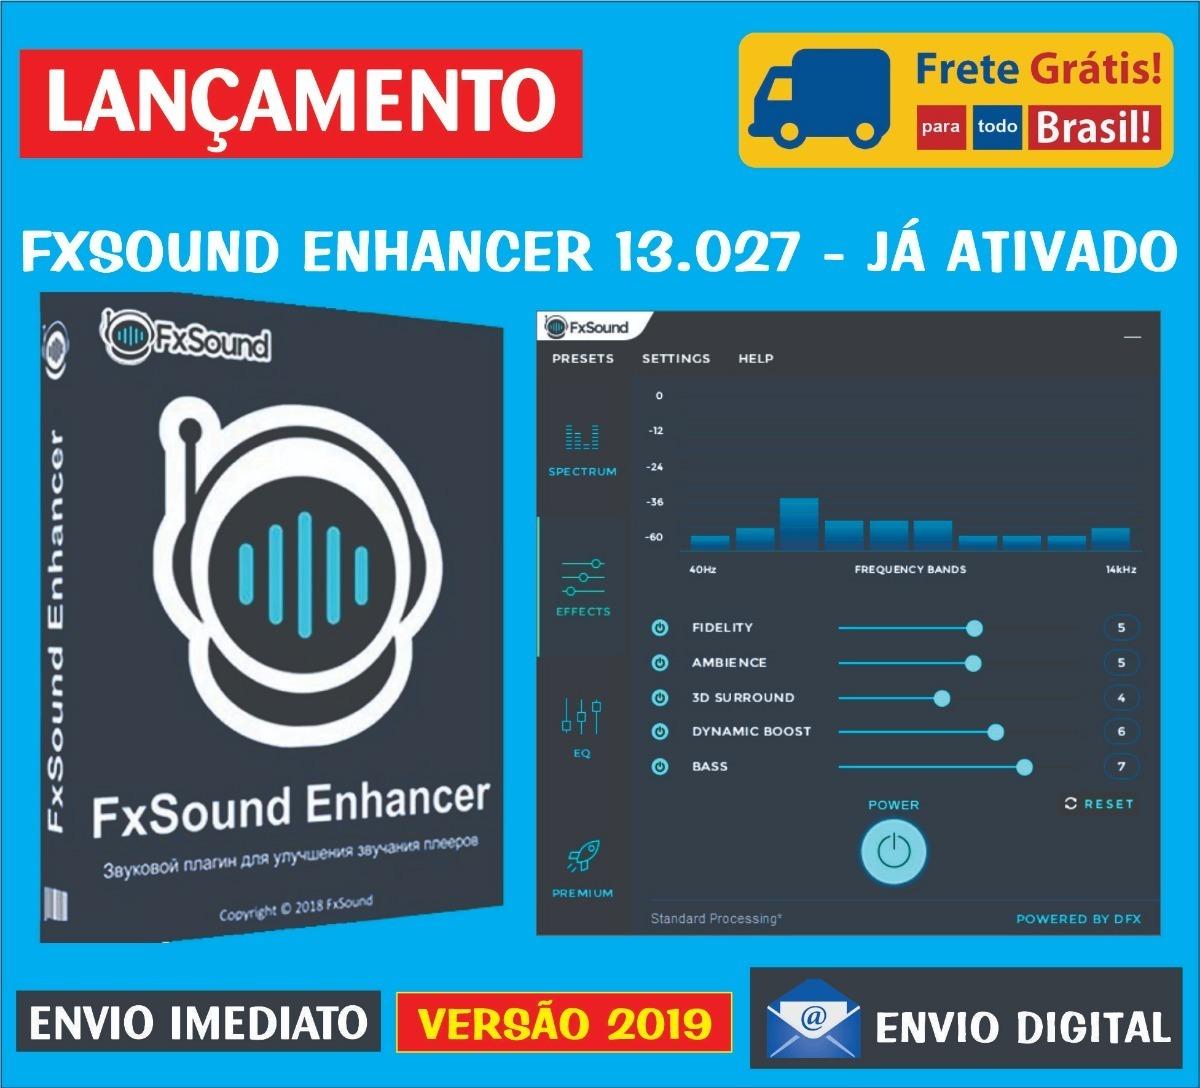 Fxsound Enhancer 13 027 / Frete Grátis / Envio Imediato